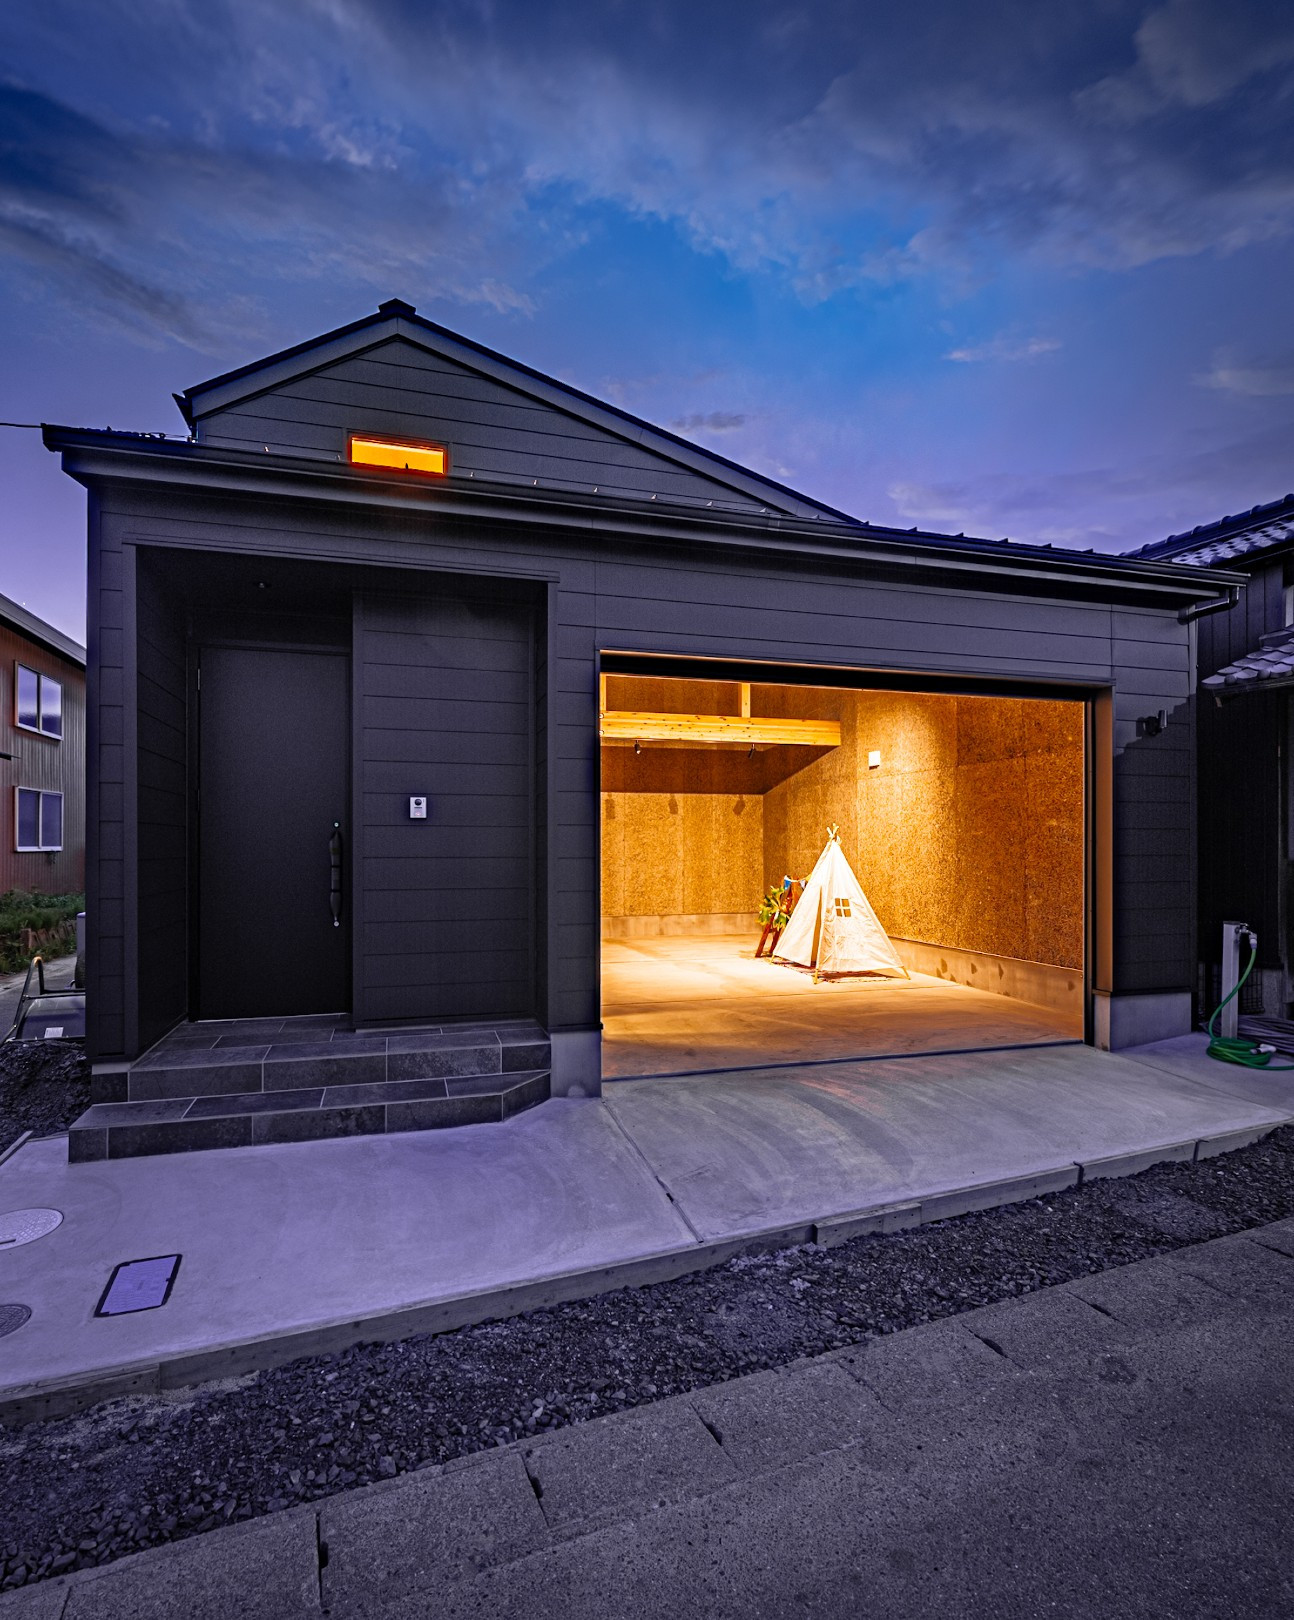 ビルトインガレージのあるハコ~愛車と共に暮らす アイキャッチ画像